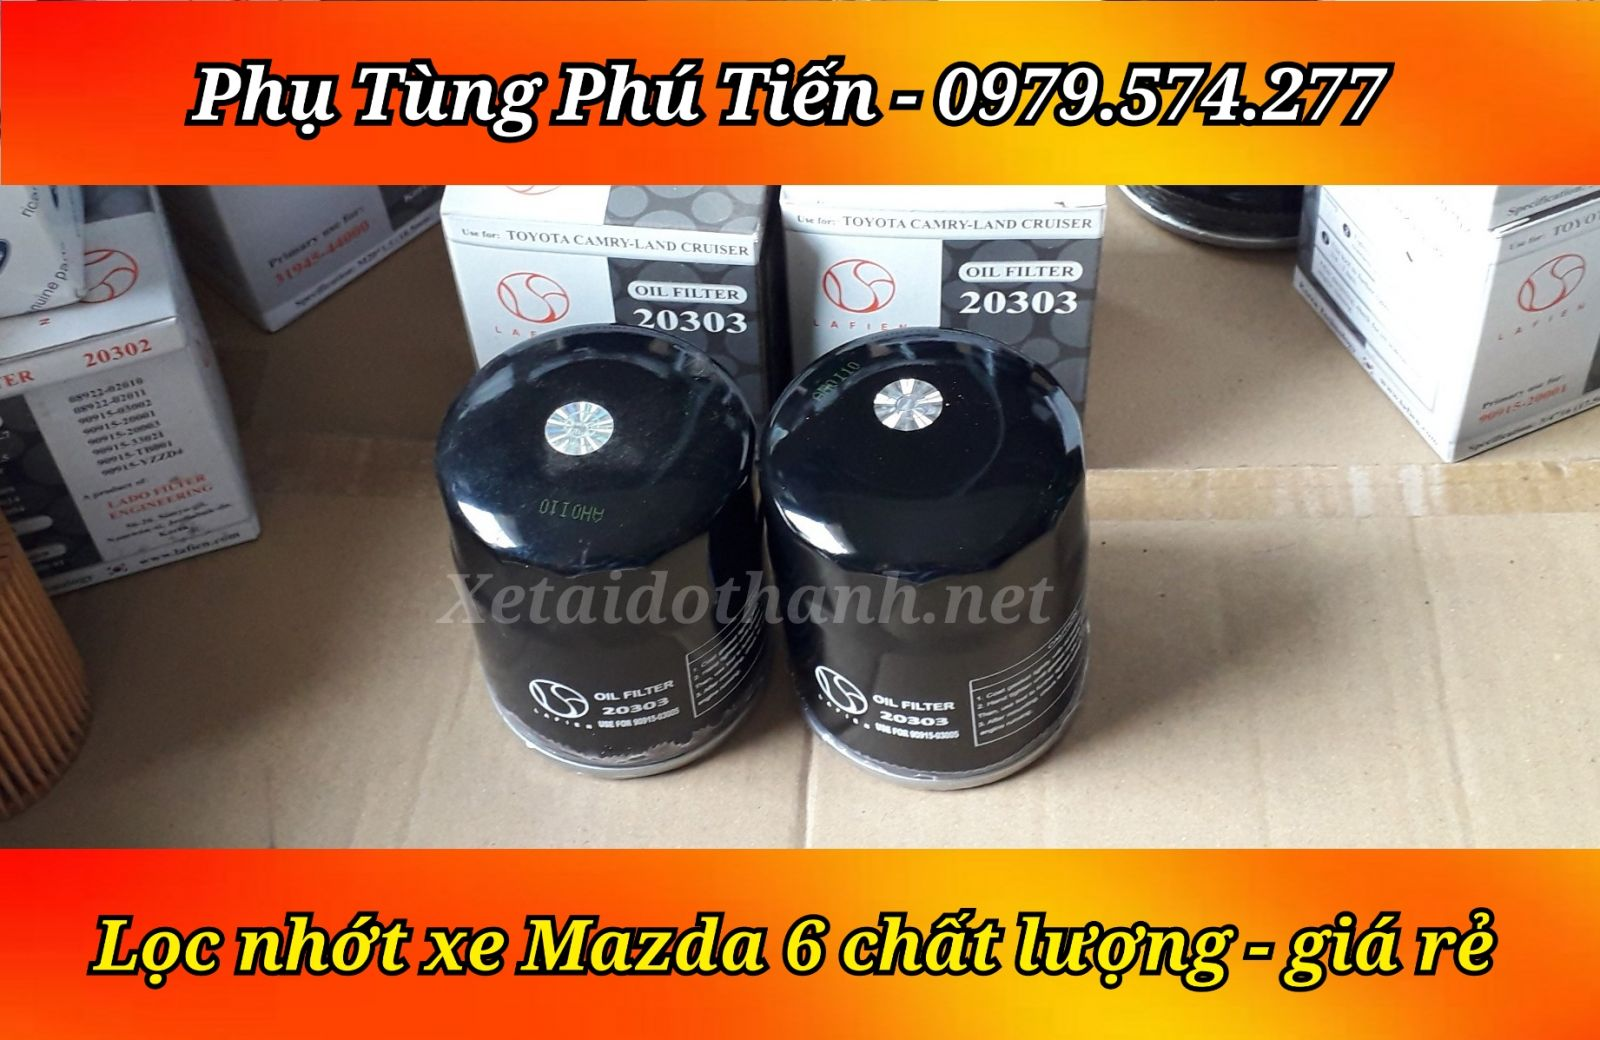 Lọc Nhớt Mazda 6 chất lượng cao